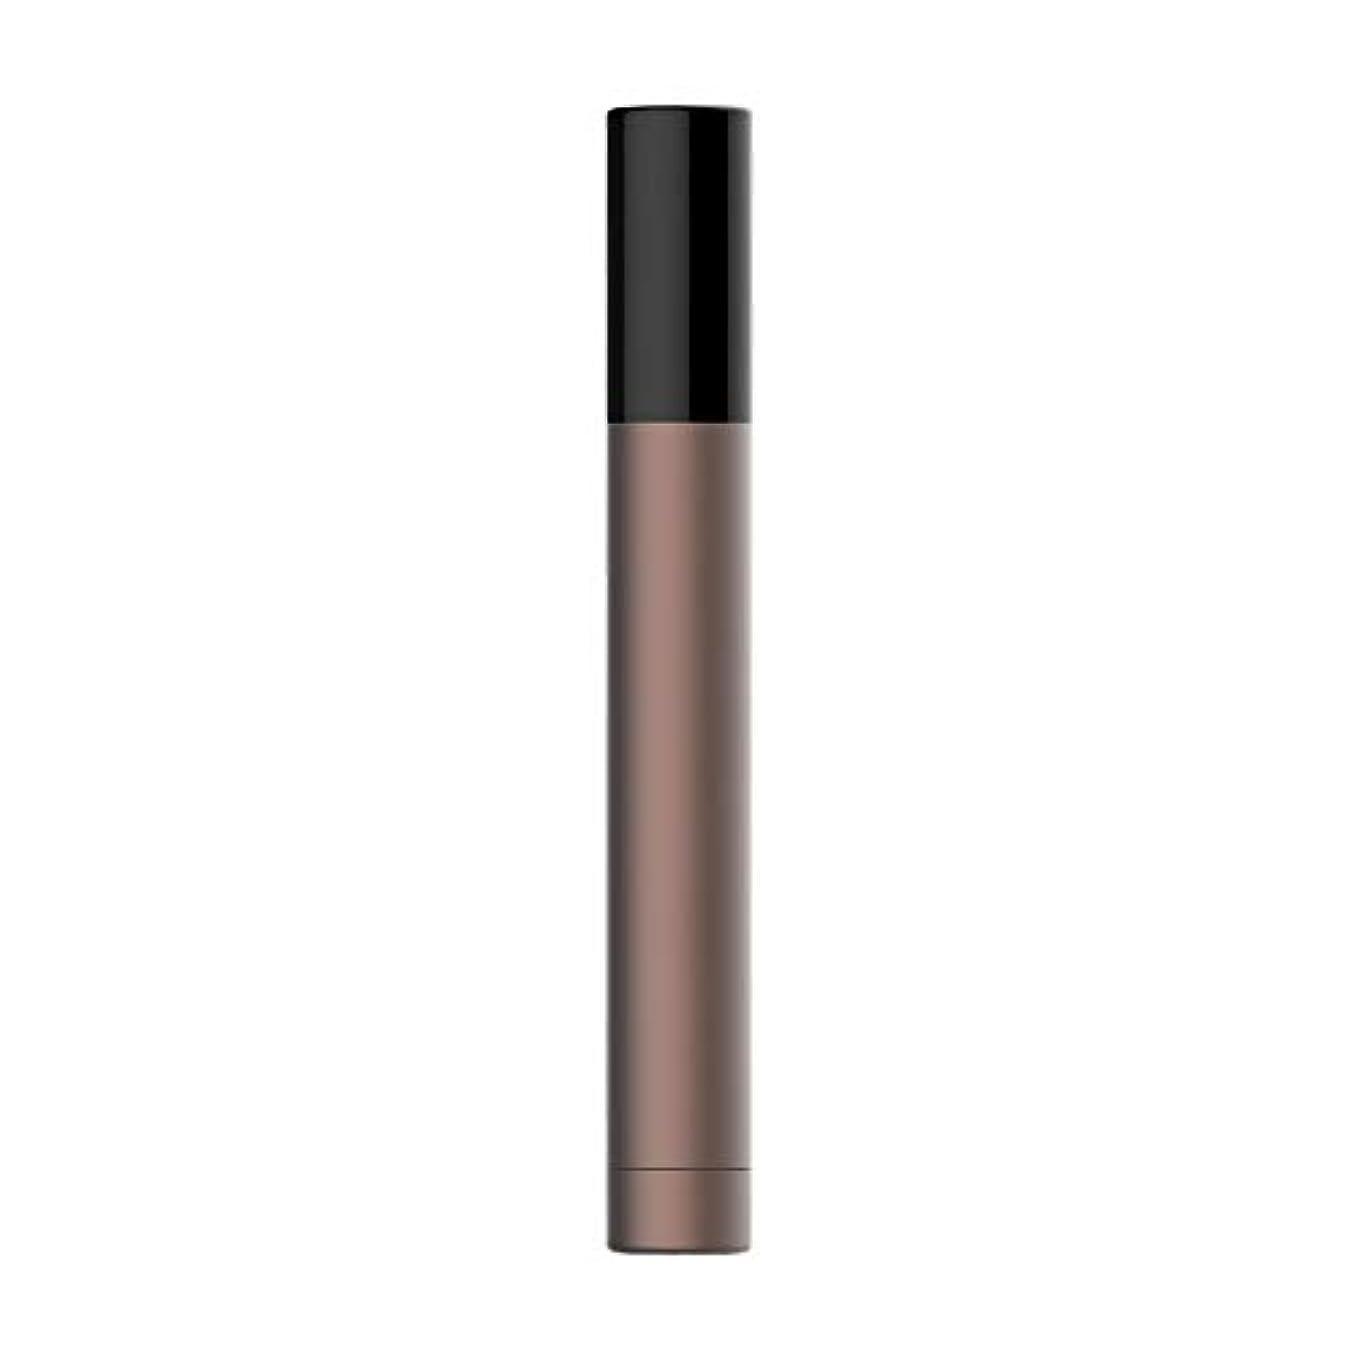 鼻毛トリマー-密閉防水効果/シングルカッターヘッドシャープで耐久性のある/男性用剃毛鼻毛はさみ/ポータブルデザイン、旅行に便利/ 12.9 * 1.65cm 持つ価値があります